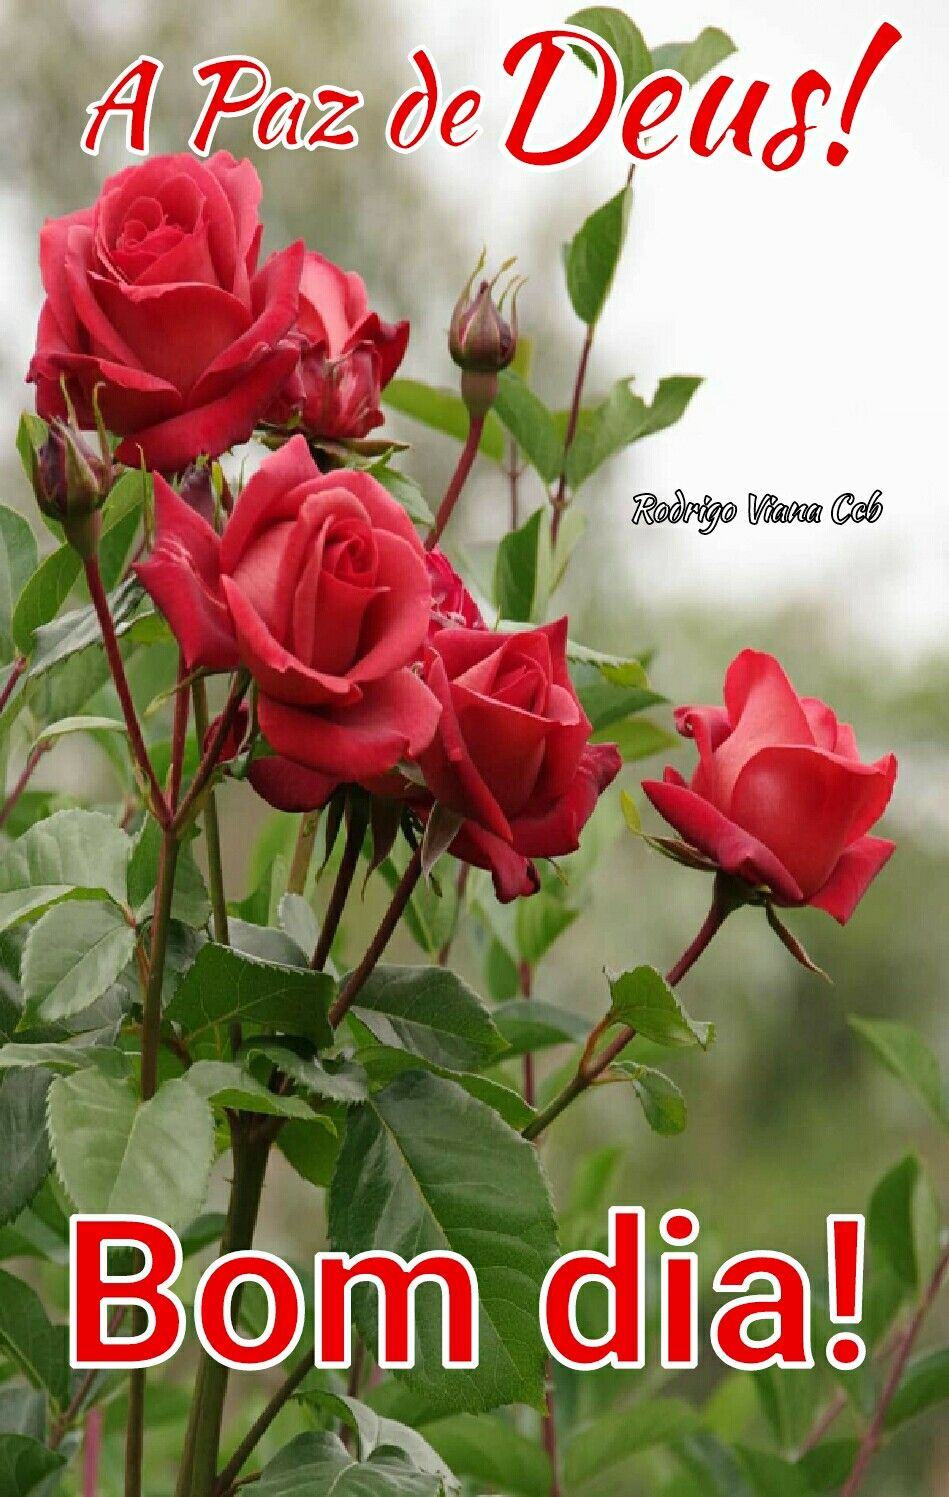 Amem Deus Te Abencoe Mensagens De Bom Dia Meu Dia Com Deus